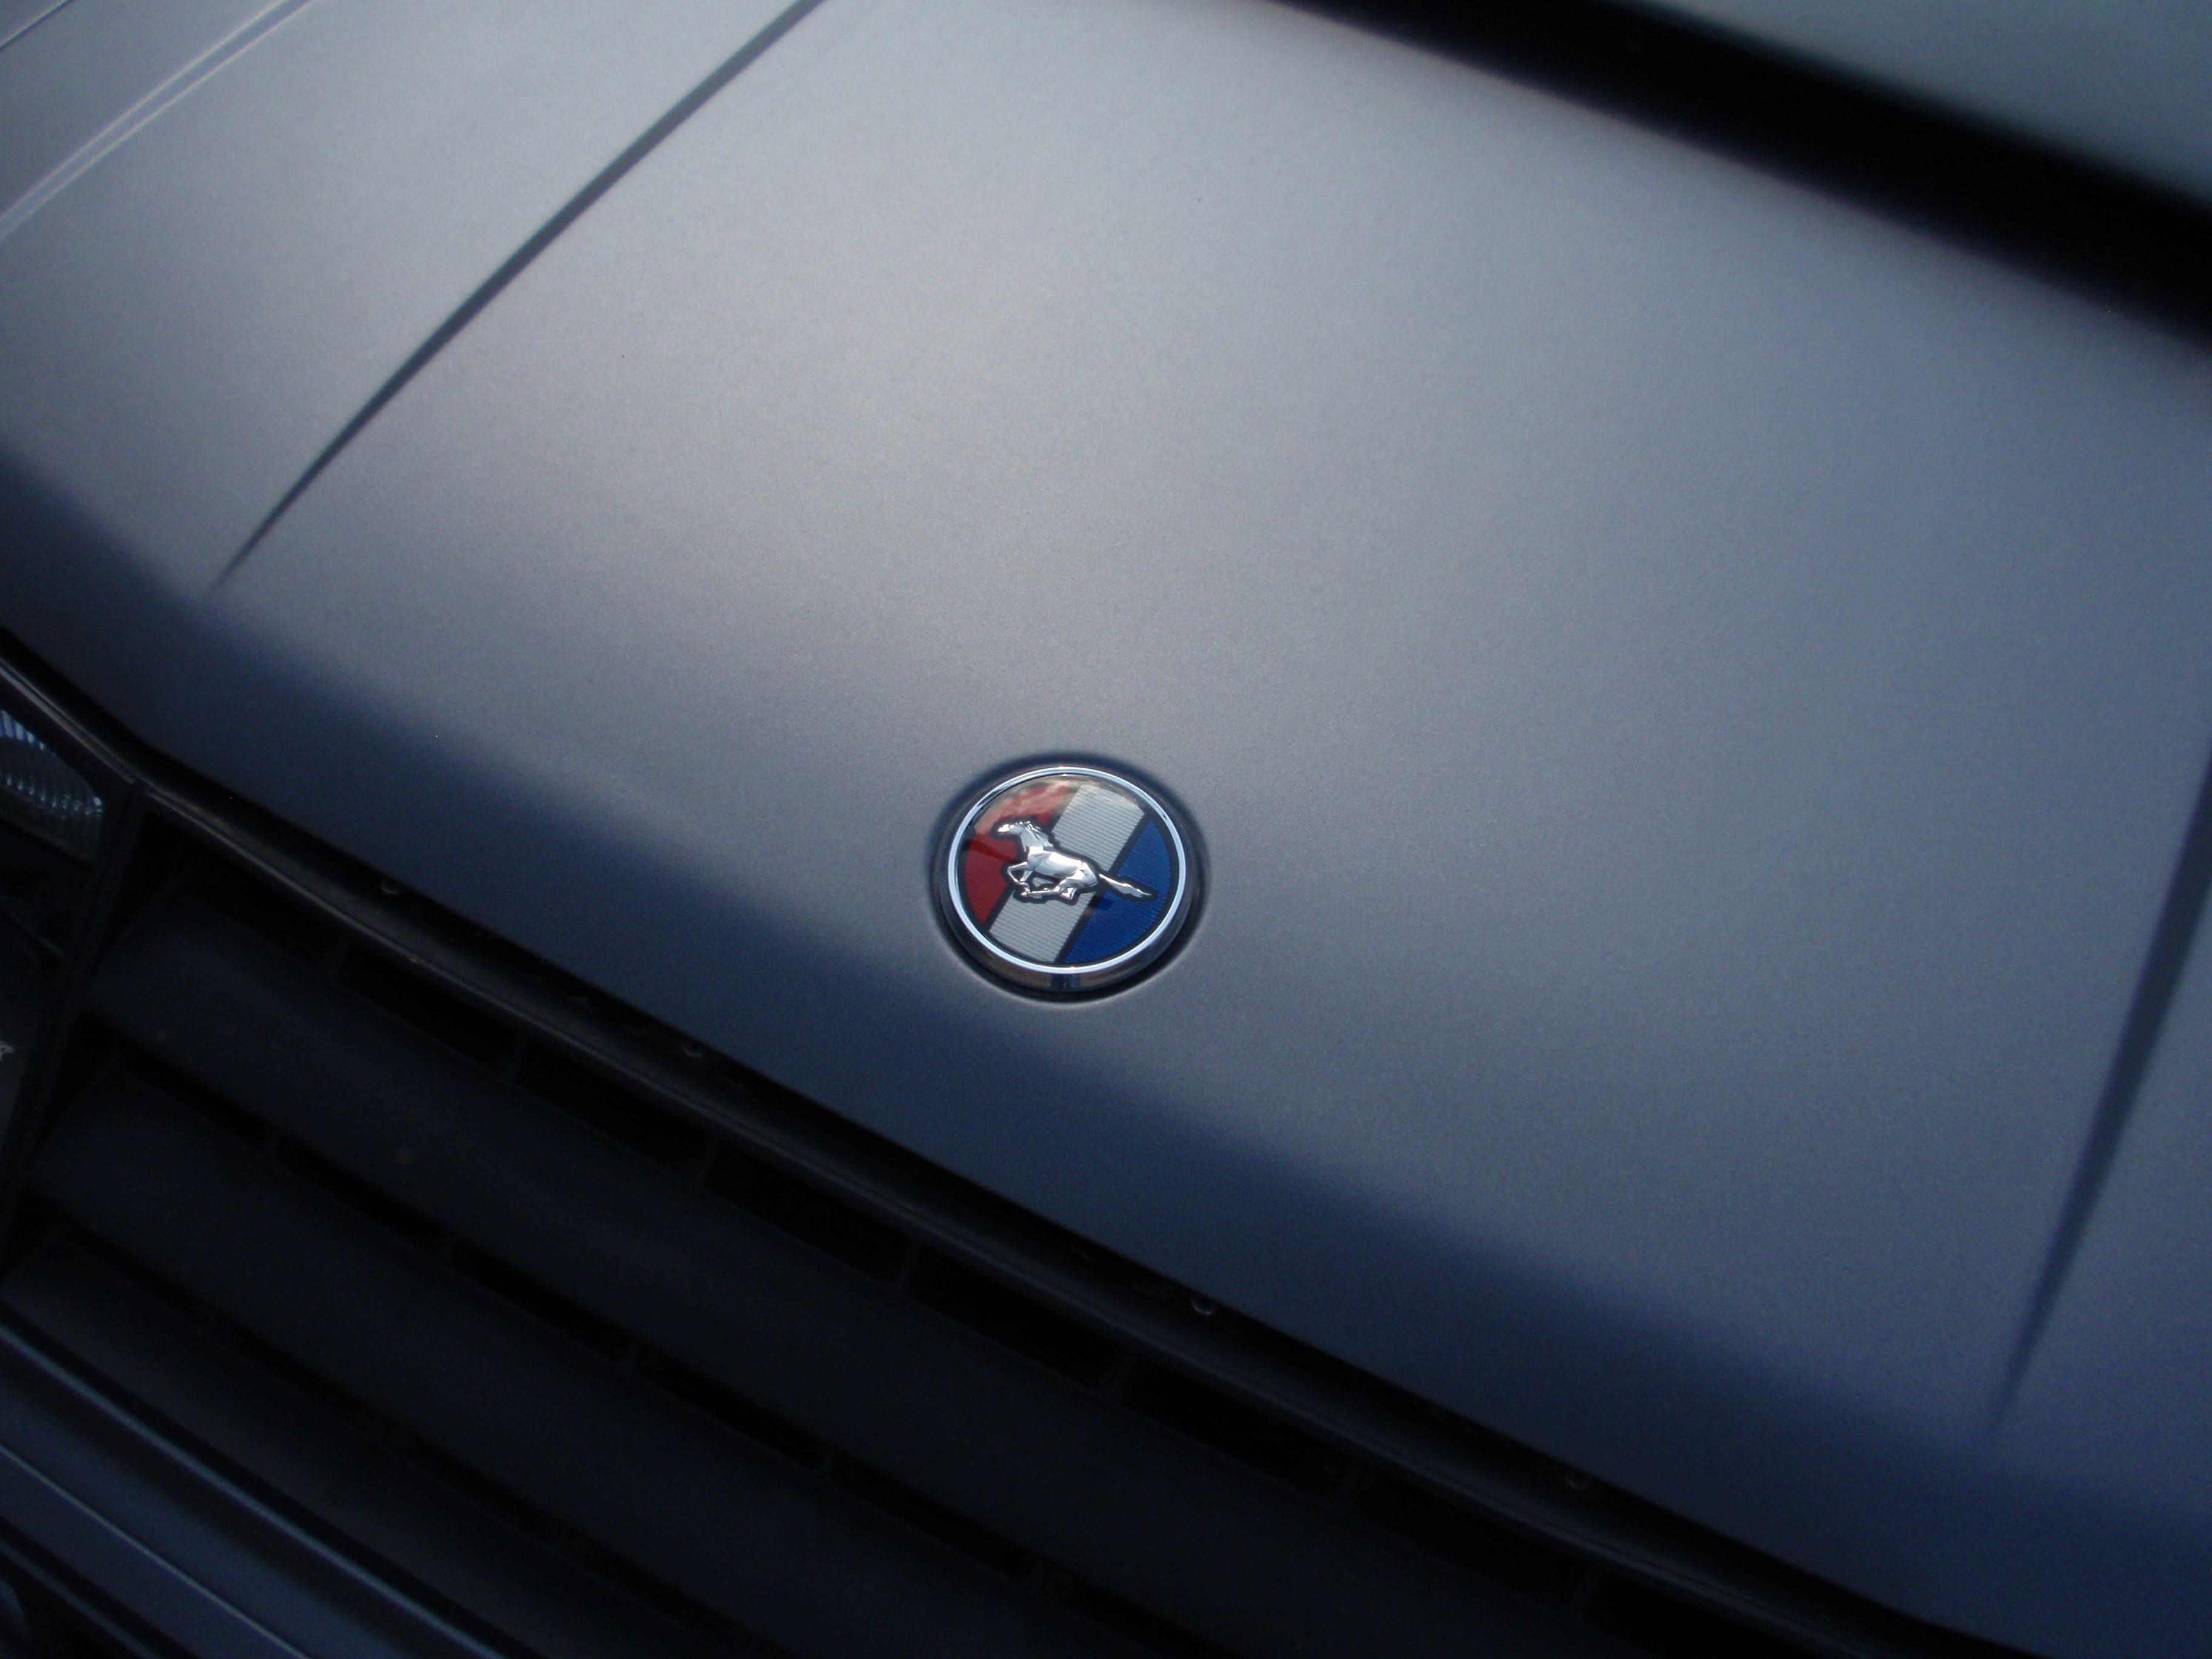 Ford Mustang Mach 3 met Mat Zwarte Wrap, Carwrapping door Wrapmyride.nu Foto-nr:5839, ©2020